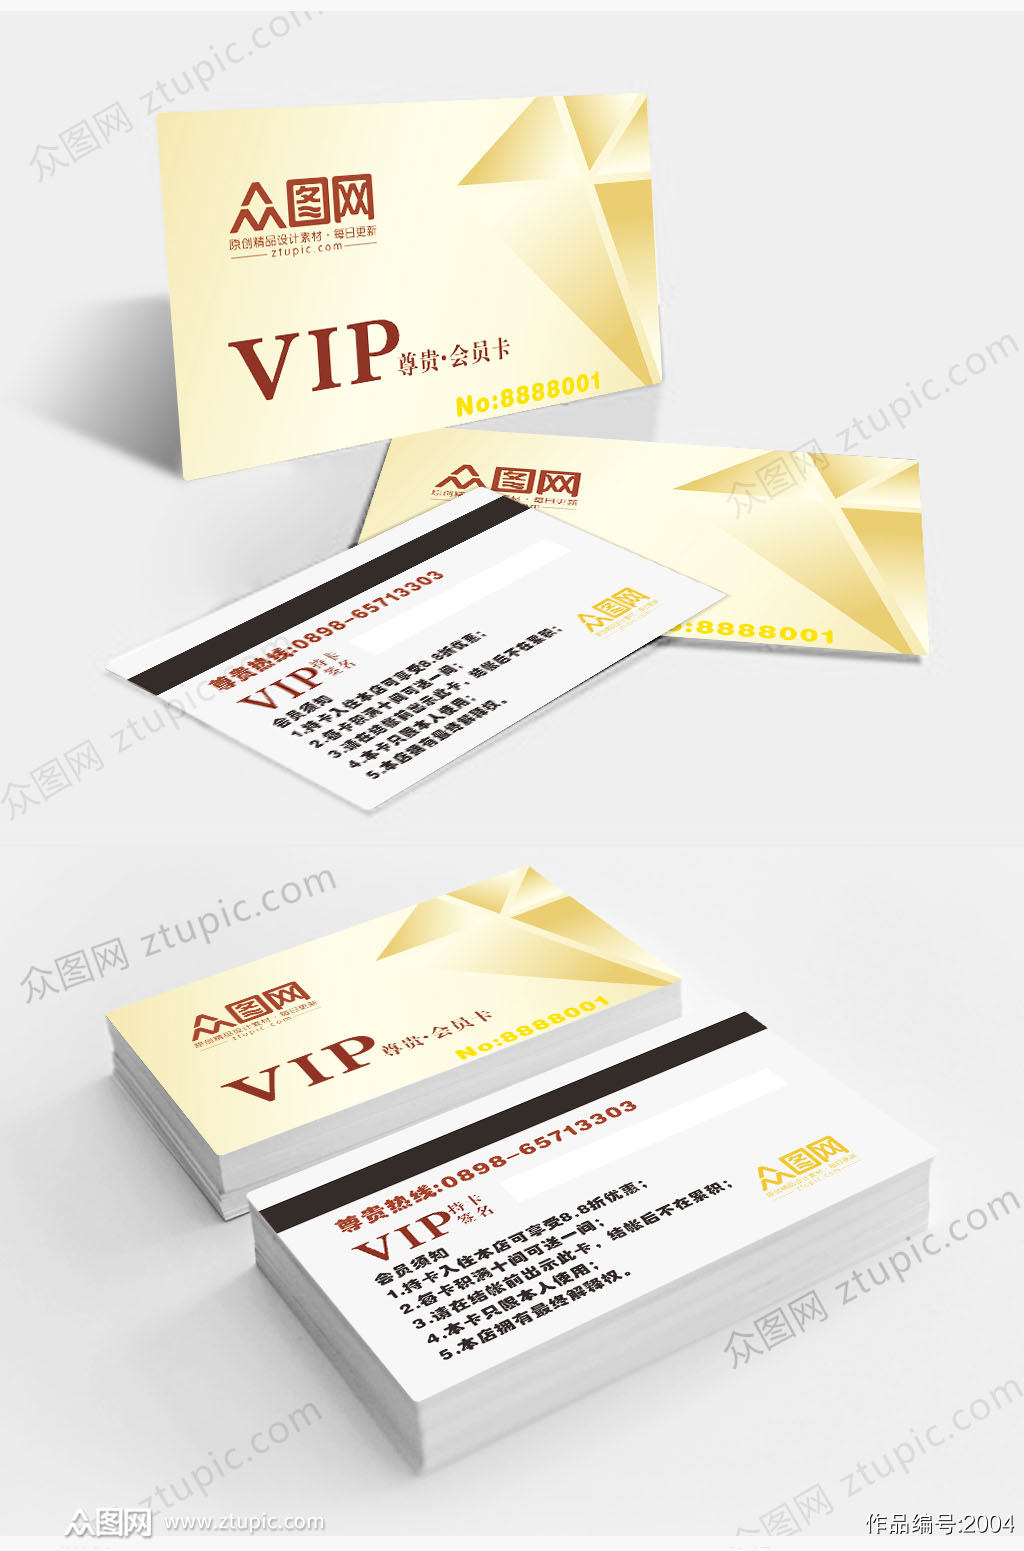 民族风底纹金色VIP会员卡设计素材